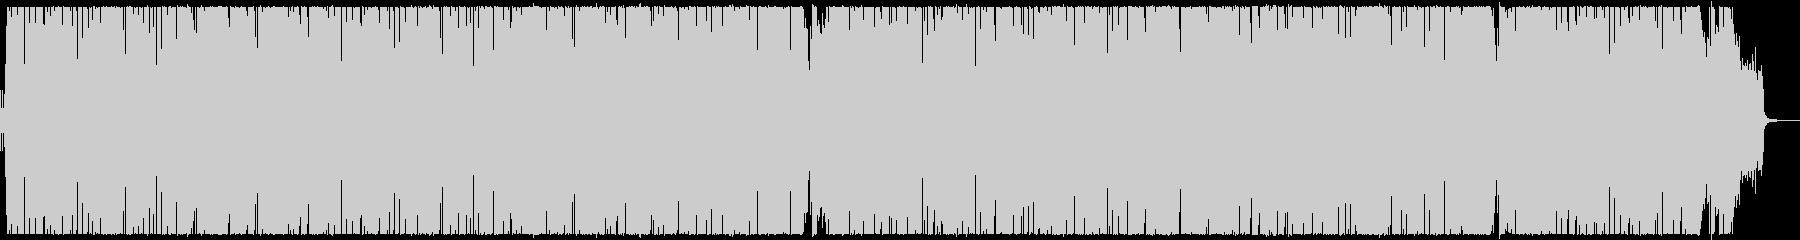 優しい雰囲気のボサノヴァ調曲の未再生の波形